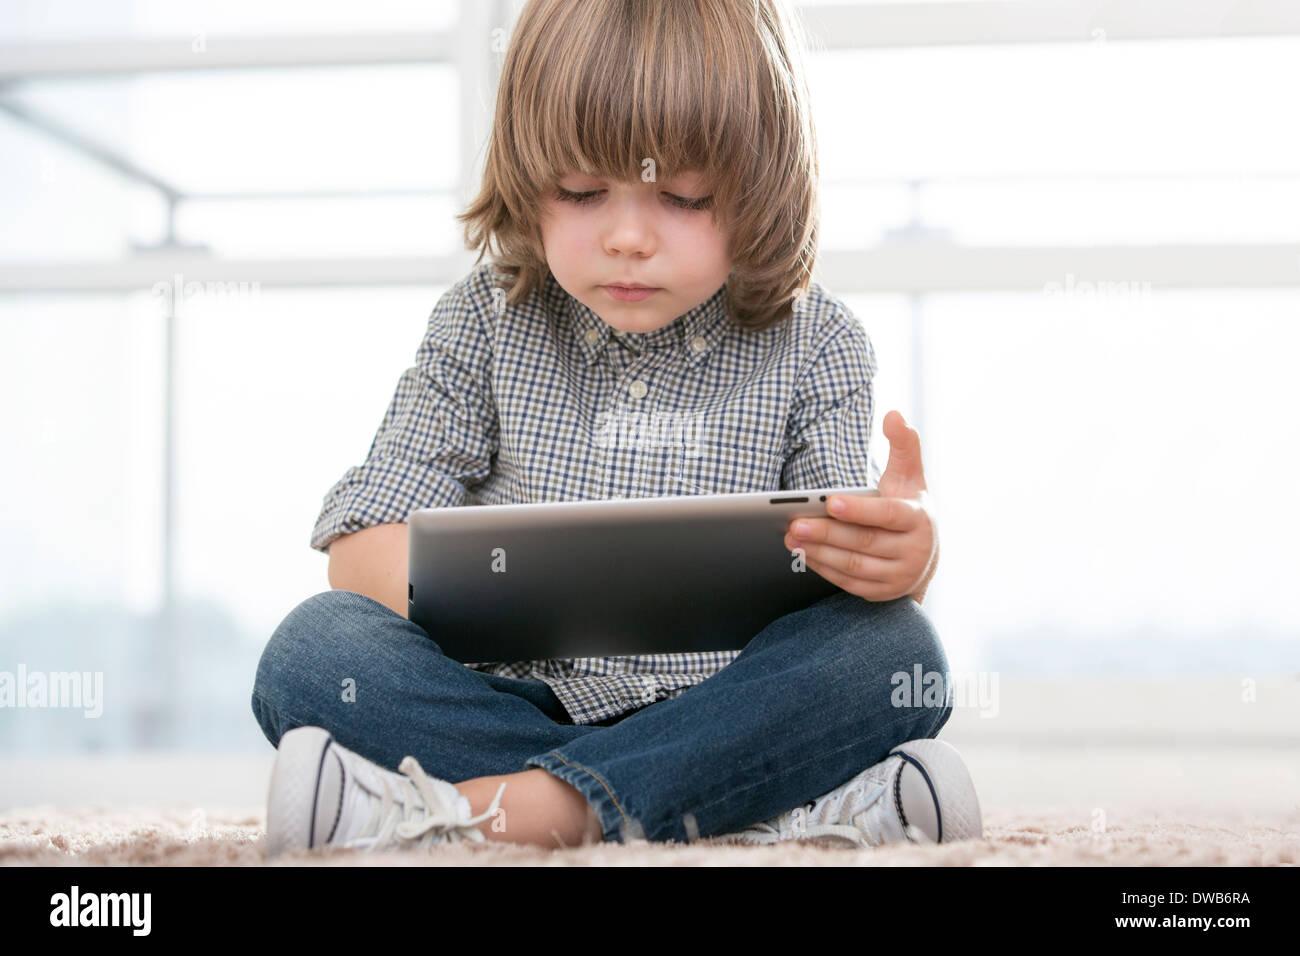 La longitud total del niño mediante tableta digital en el salón Imagen De Stock